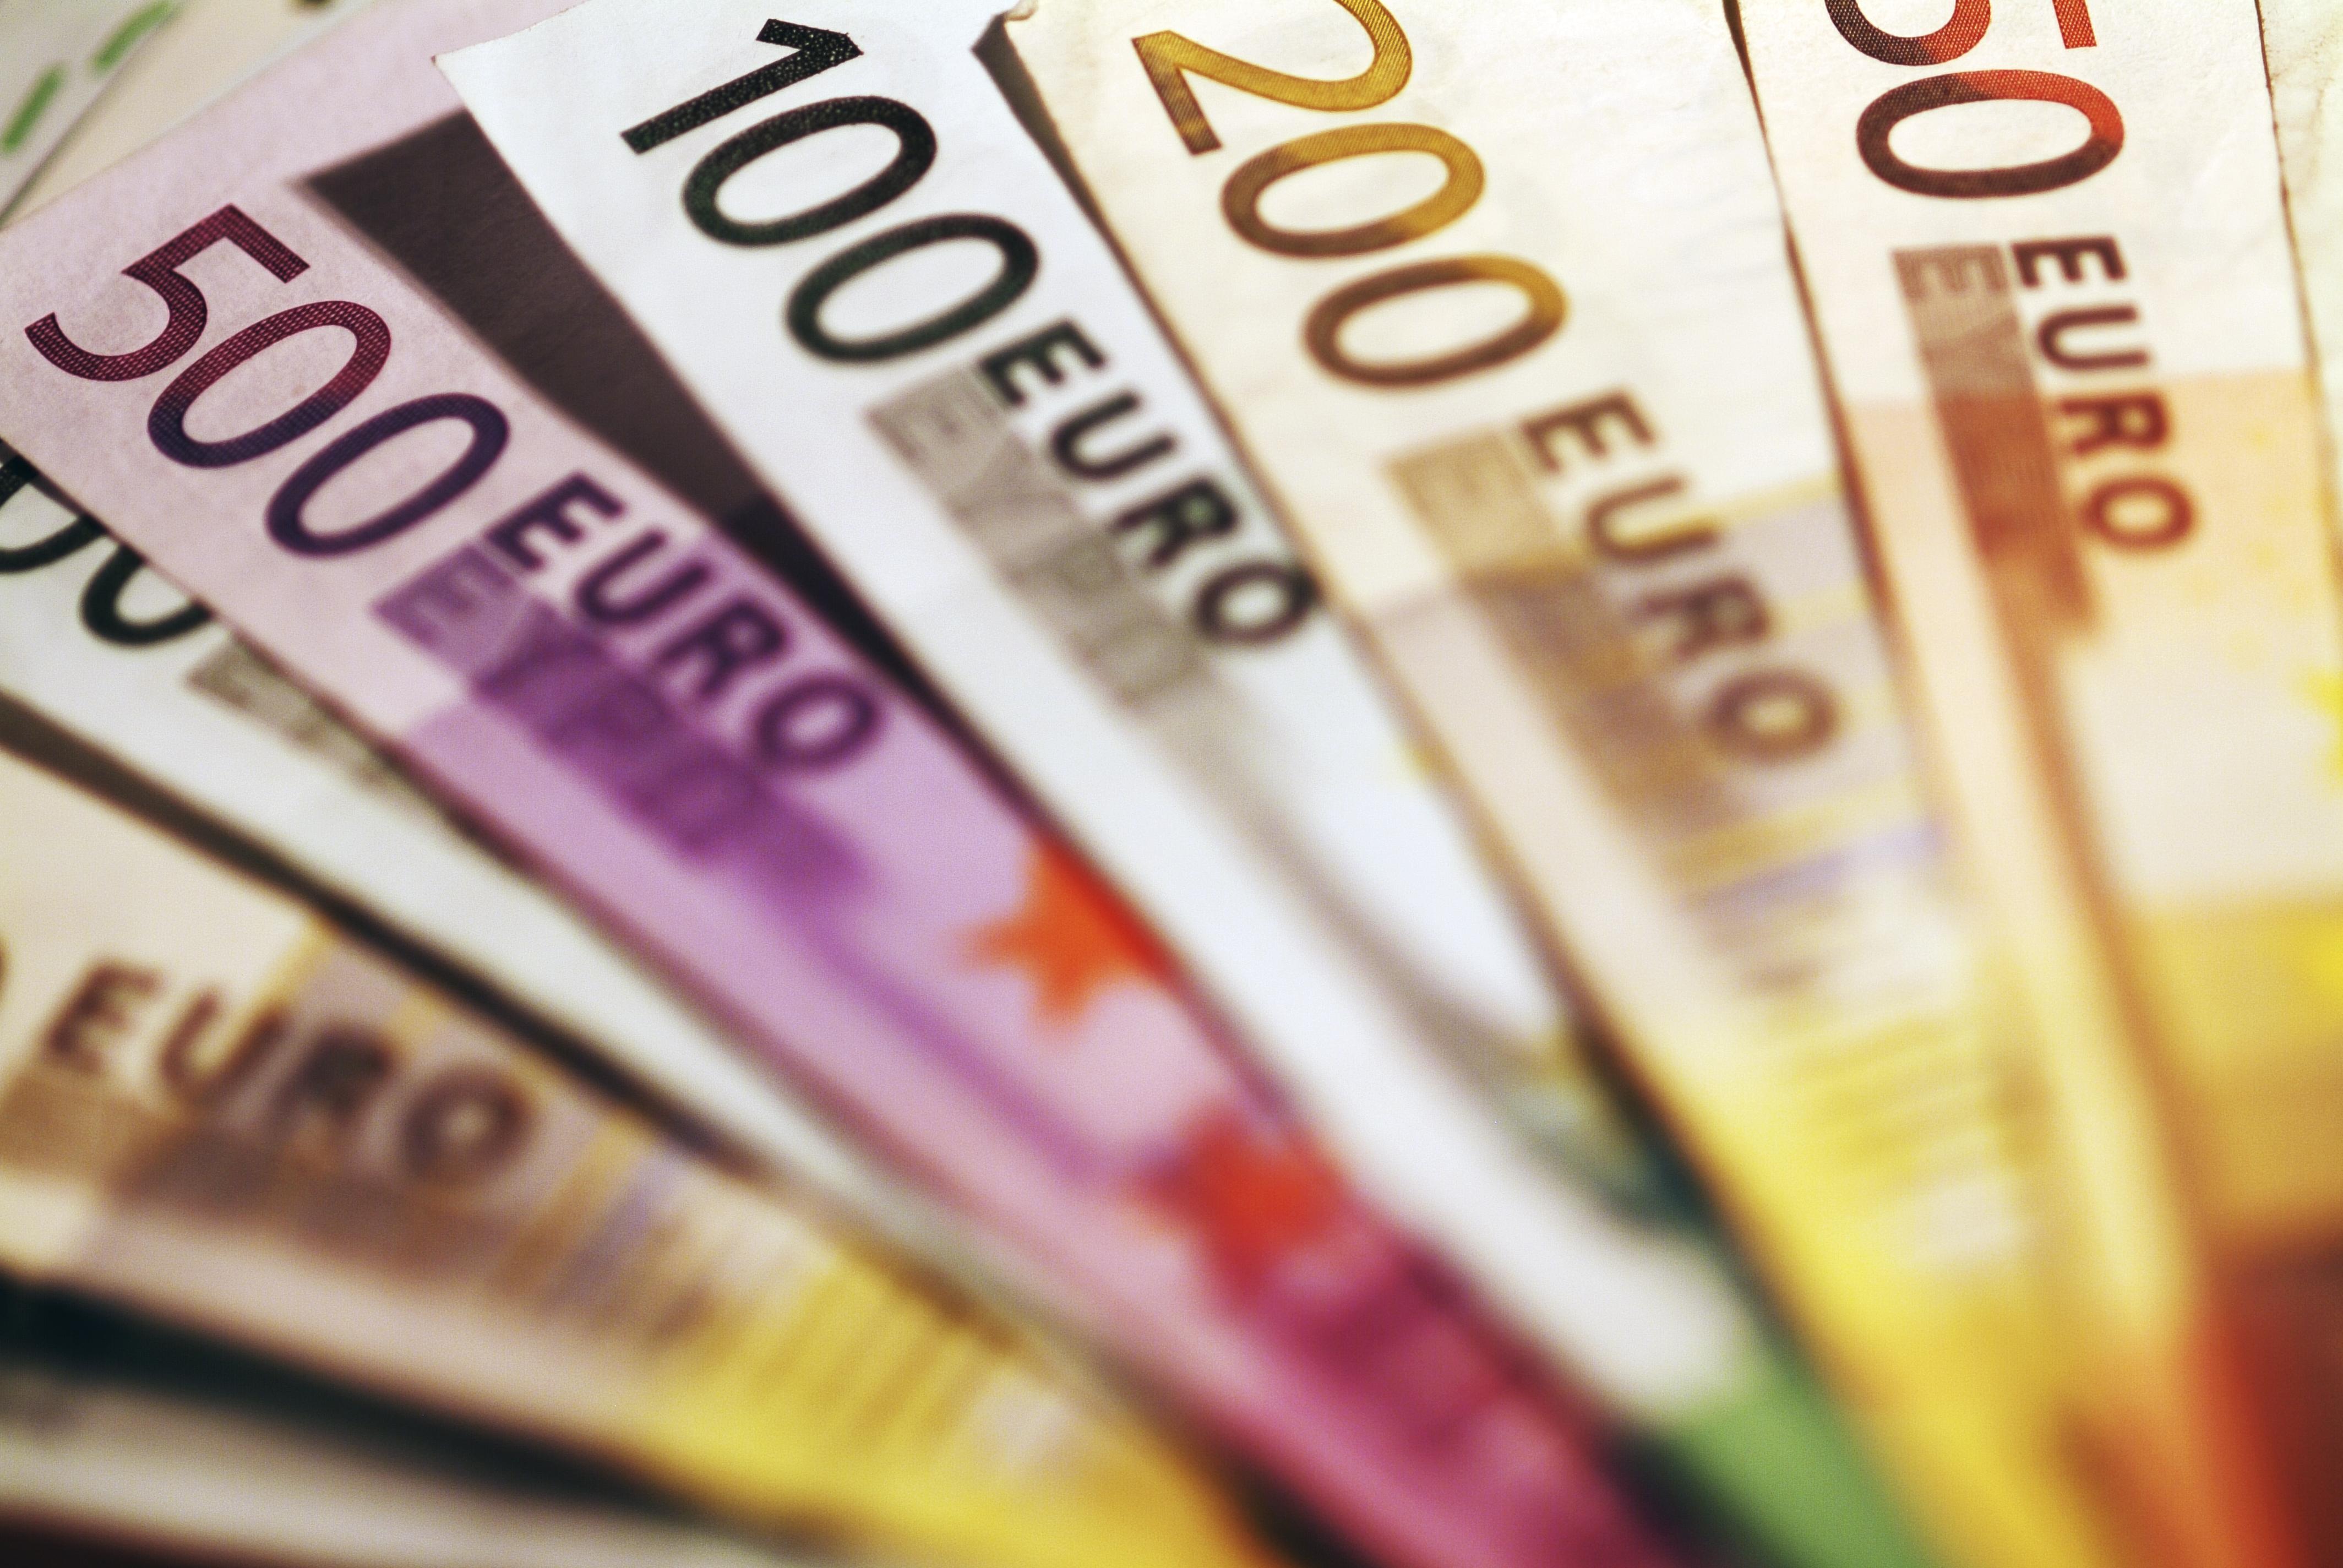 Προσδοκίες για επιστροφή καταθέσεων ως 5 δισ. ευρώ | tovima.gr